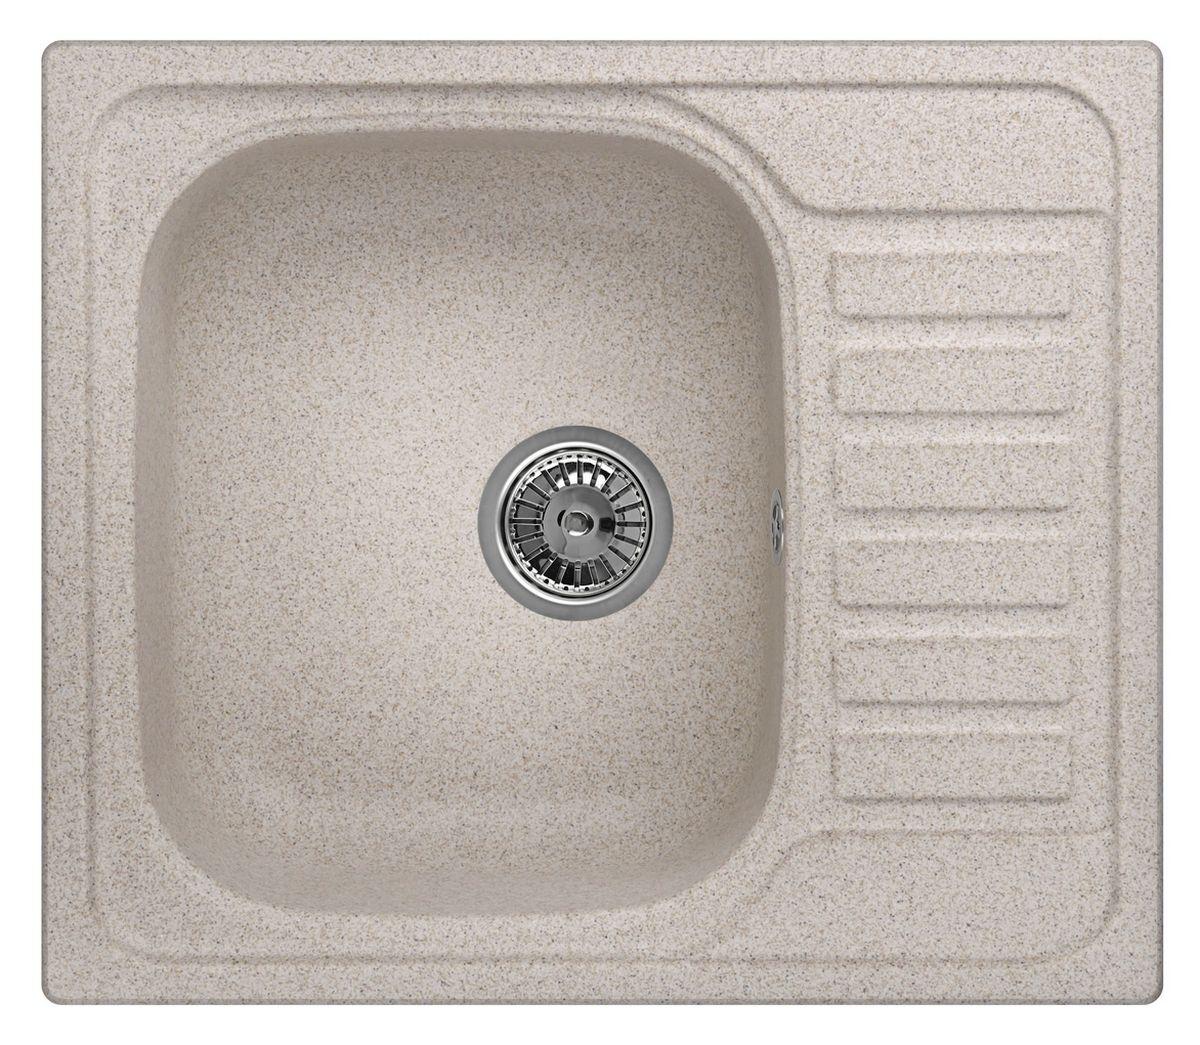 Мойка Weissgauff Quadro 575 Eco Granit, цвет: песочный, 57,5 х 20,0 х 49,5 см306183Гранитные мойки Weissgauff Eco Granit – классическая коллекция моек, изготовленных из специально подобранных композитных материалов , содержащих оптимальное сочетание 80% каменной массы высокого качества и 20% связующих материалов. Оригинальный и функциональный дизайн - технология изготовления позволяет создавать любые цвета и формы, оптимальные для современных кухонь. Мойки Weissgauff легко подобрать к интерьеру любой кухни, для разных цветов и форм столешниц Влагостойкость - отталкивание влаги – одна из примечательных особенностей моек из искусственного камня за счет связующих композитных материалов, которые продлевают их срок службы и способствуют сохранению первоначального вида Термостойкость - подвергая мойки воздействию высоких температур, например, различными горячими жидкостями, будьте уверенны, что мойки Weissgauff – эталон стойкости и качества, так как они устойчивы к перепаду температур. Специальный состав моек Weisgauff избавляет от проблемы...